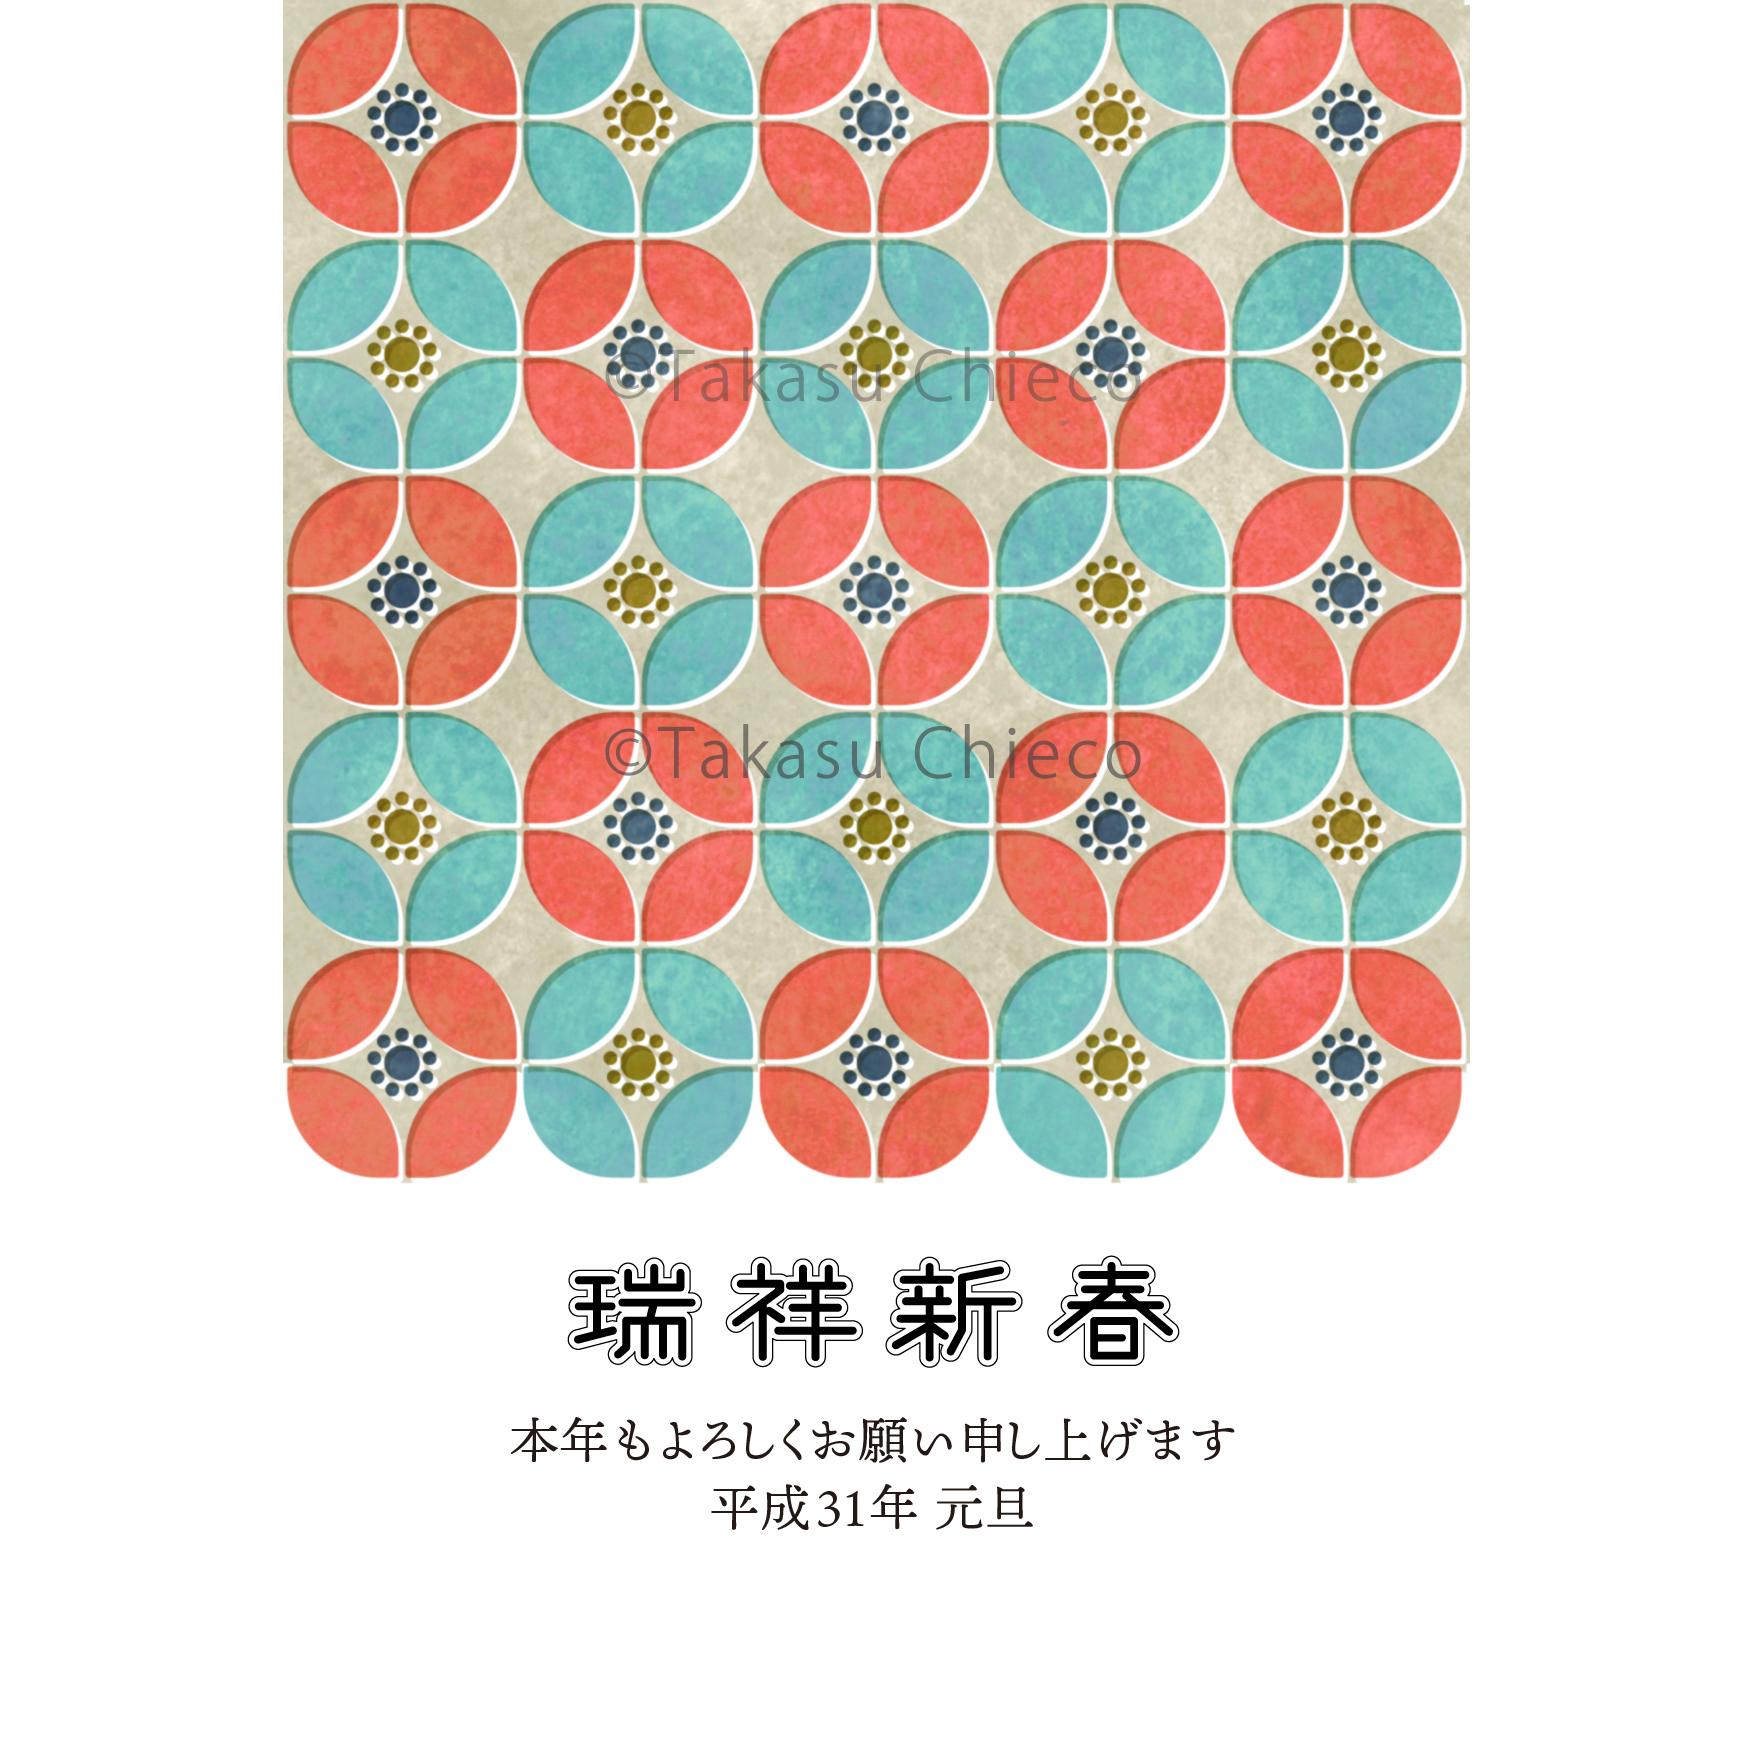 2019年年賀状デザイン